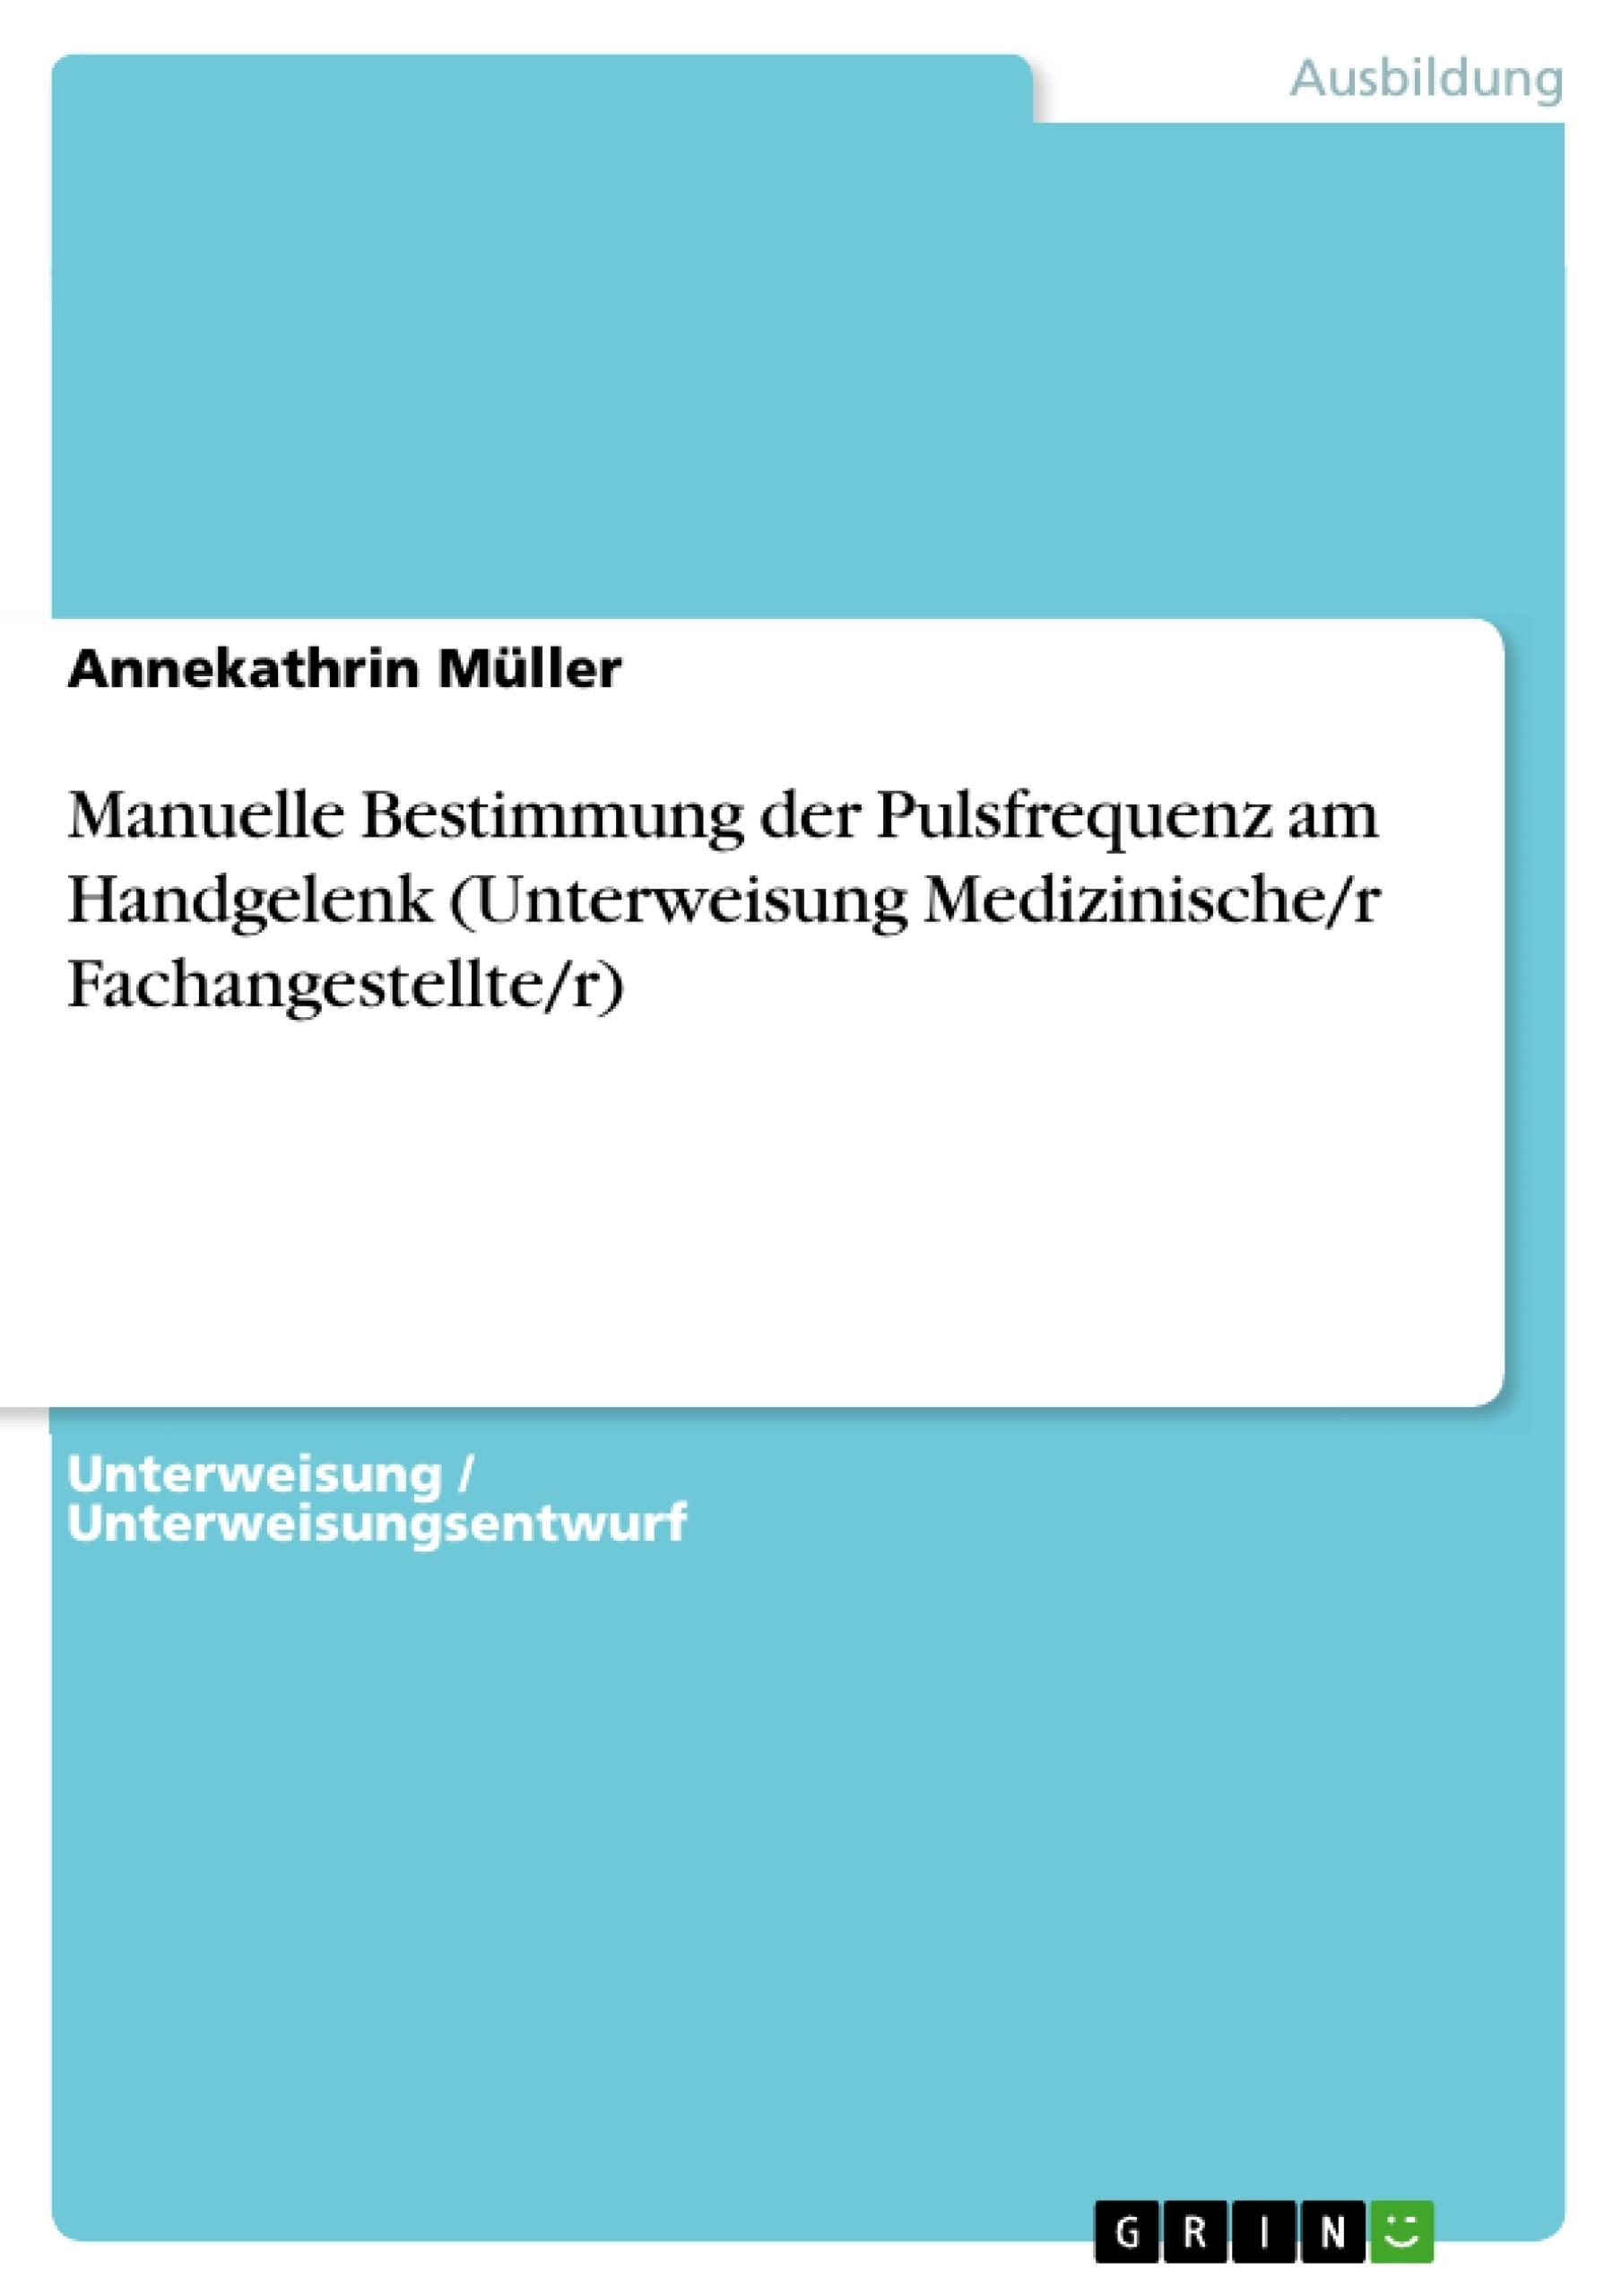 Titel: Manuelle Bestimmung der Pulsfrequenz am Handgelenk (Unterweisung Medizinische/r Fachangestellte/r)